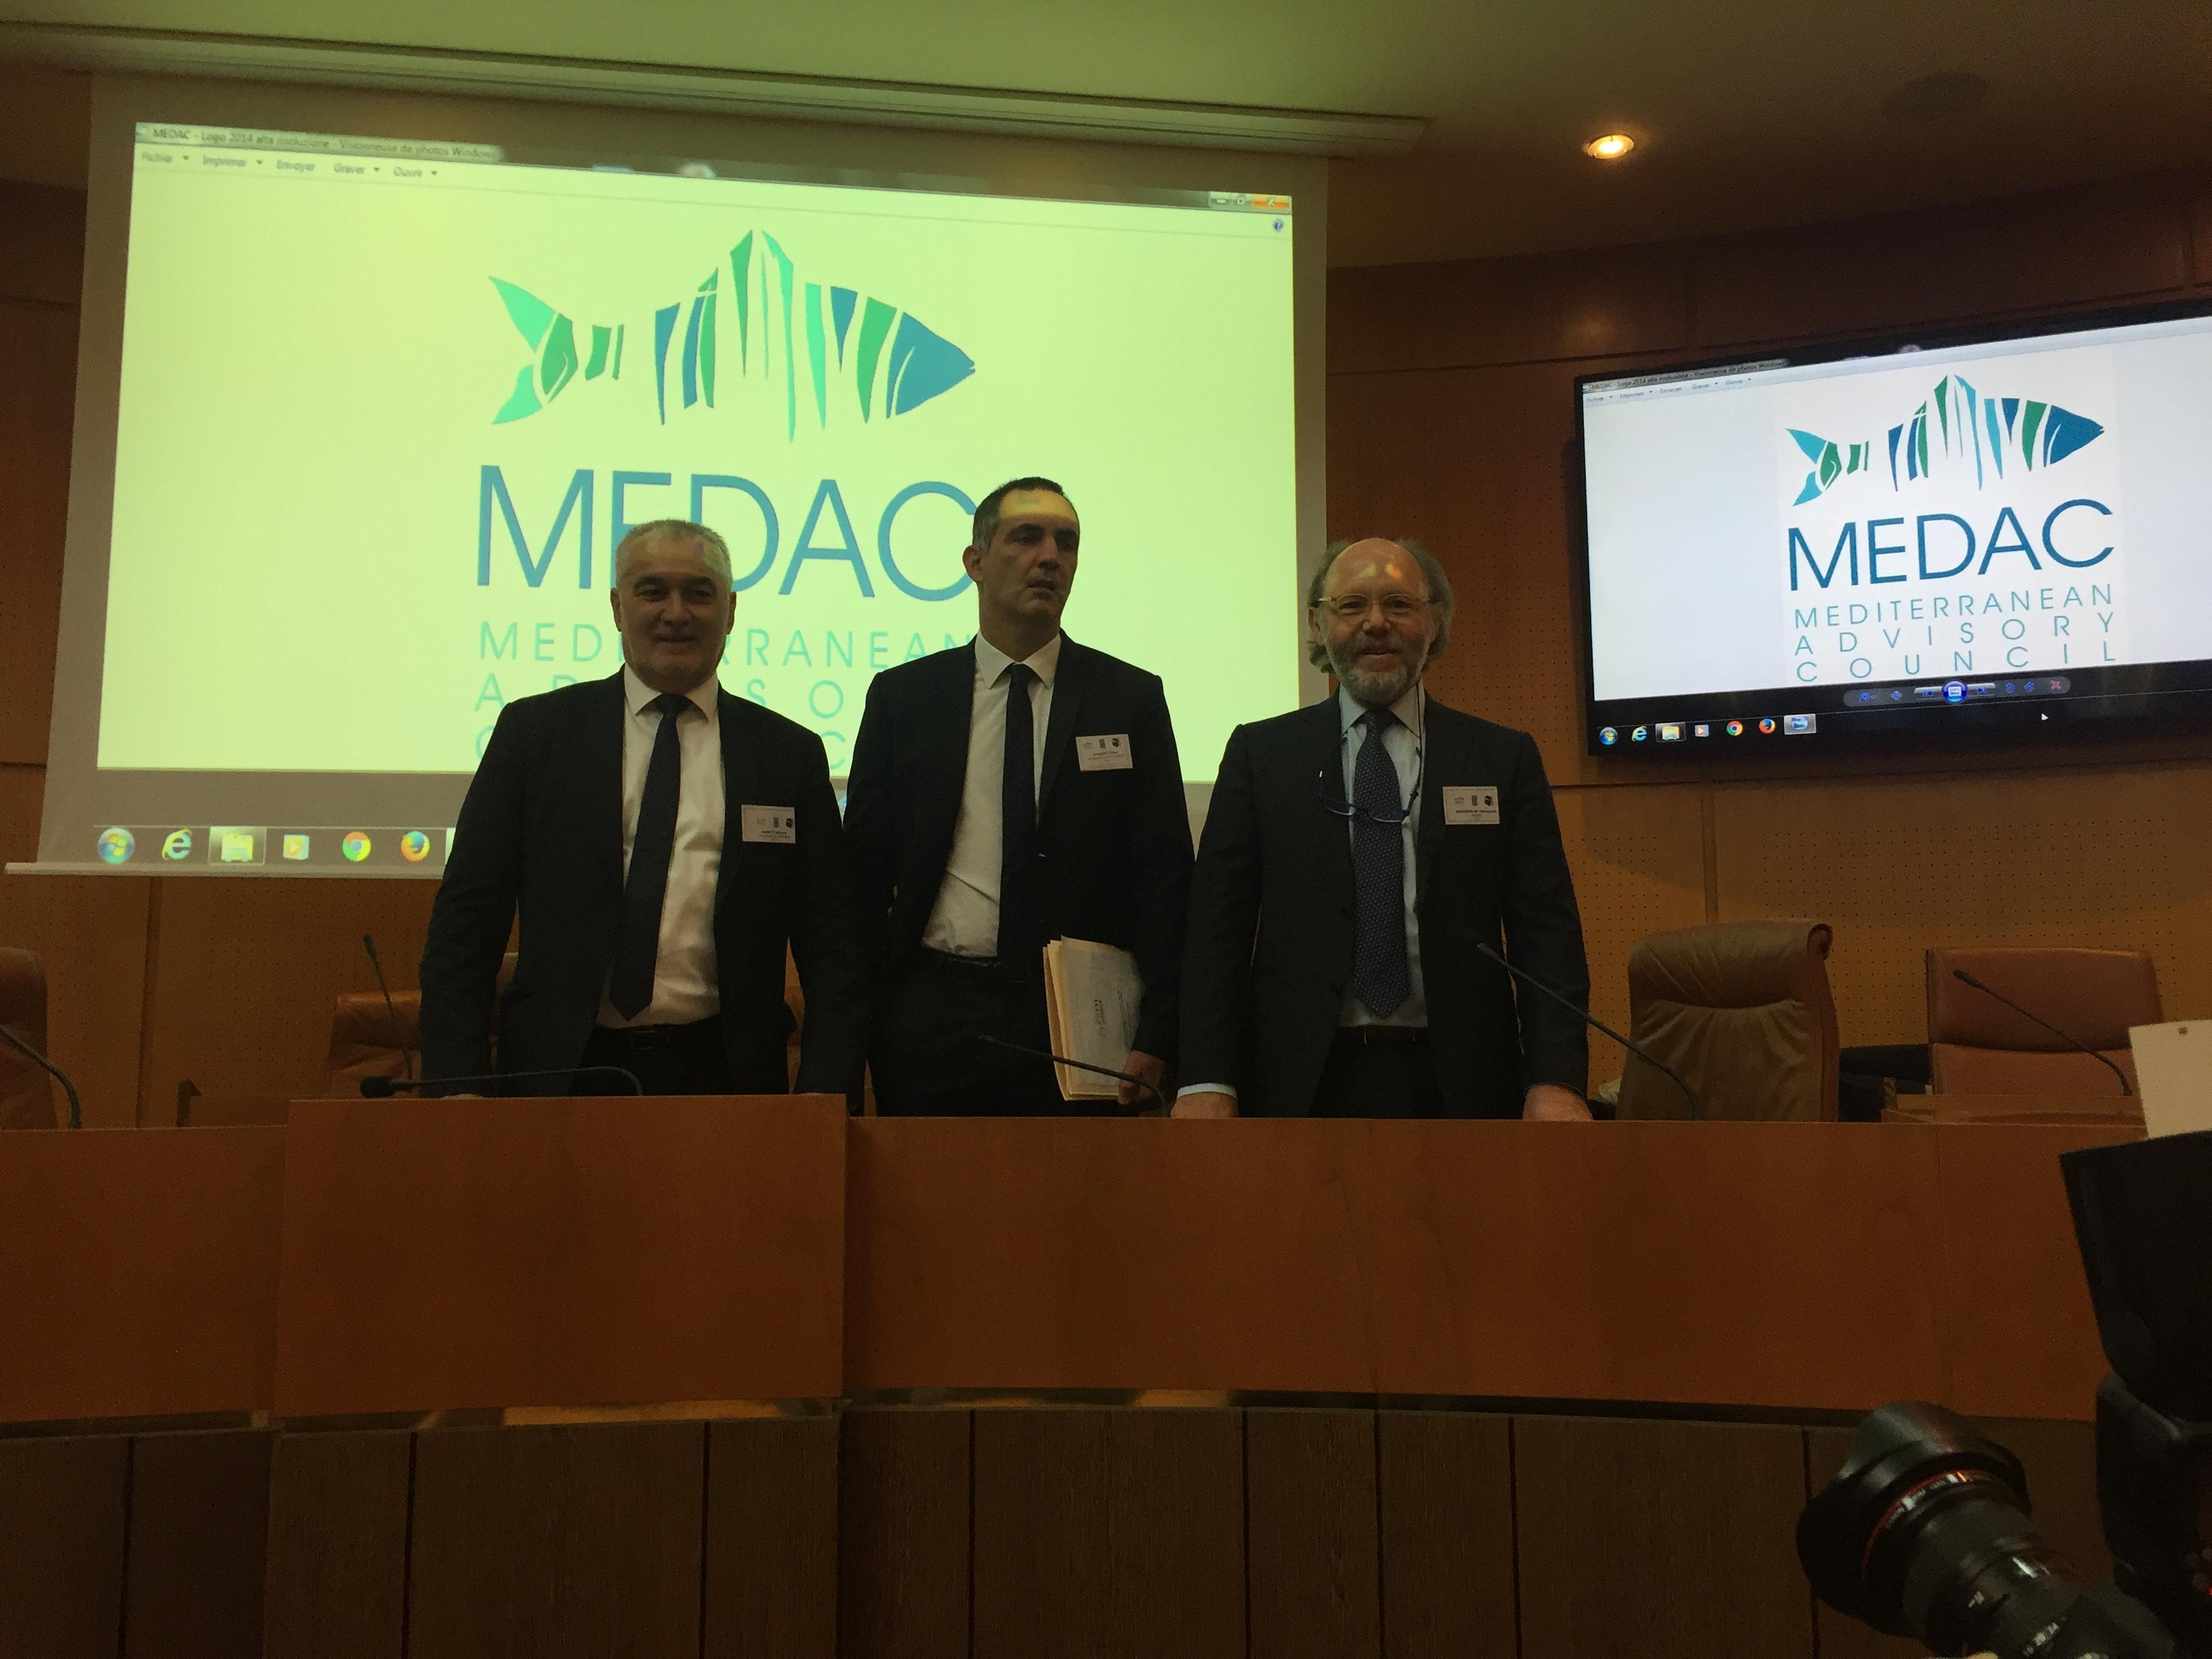 Gilles SIMEONI, Président du Conseil Exécutif de Corse entouré de Gérard ROMITI, Président du CRPMEMC et du CNPMEM, et de Giampaolo BUONFIGLIO, Président du MEDAC